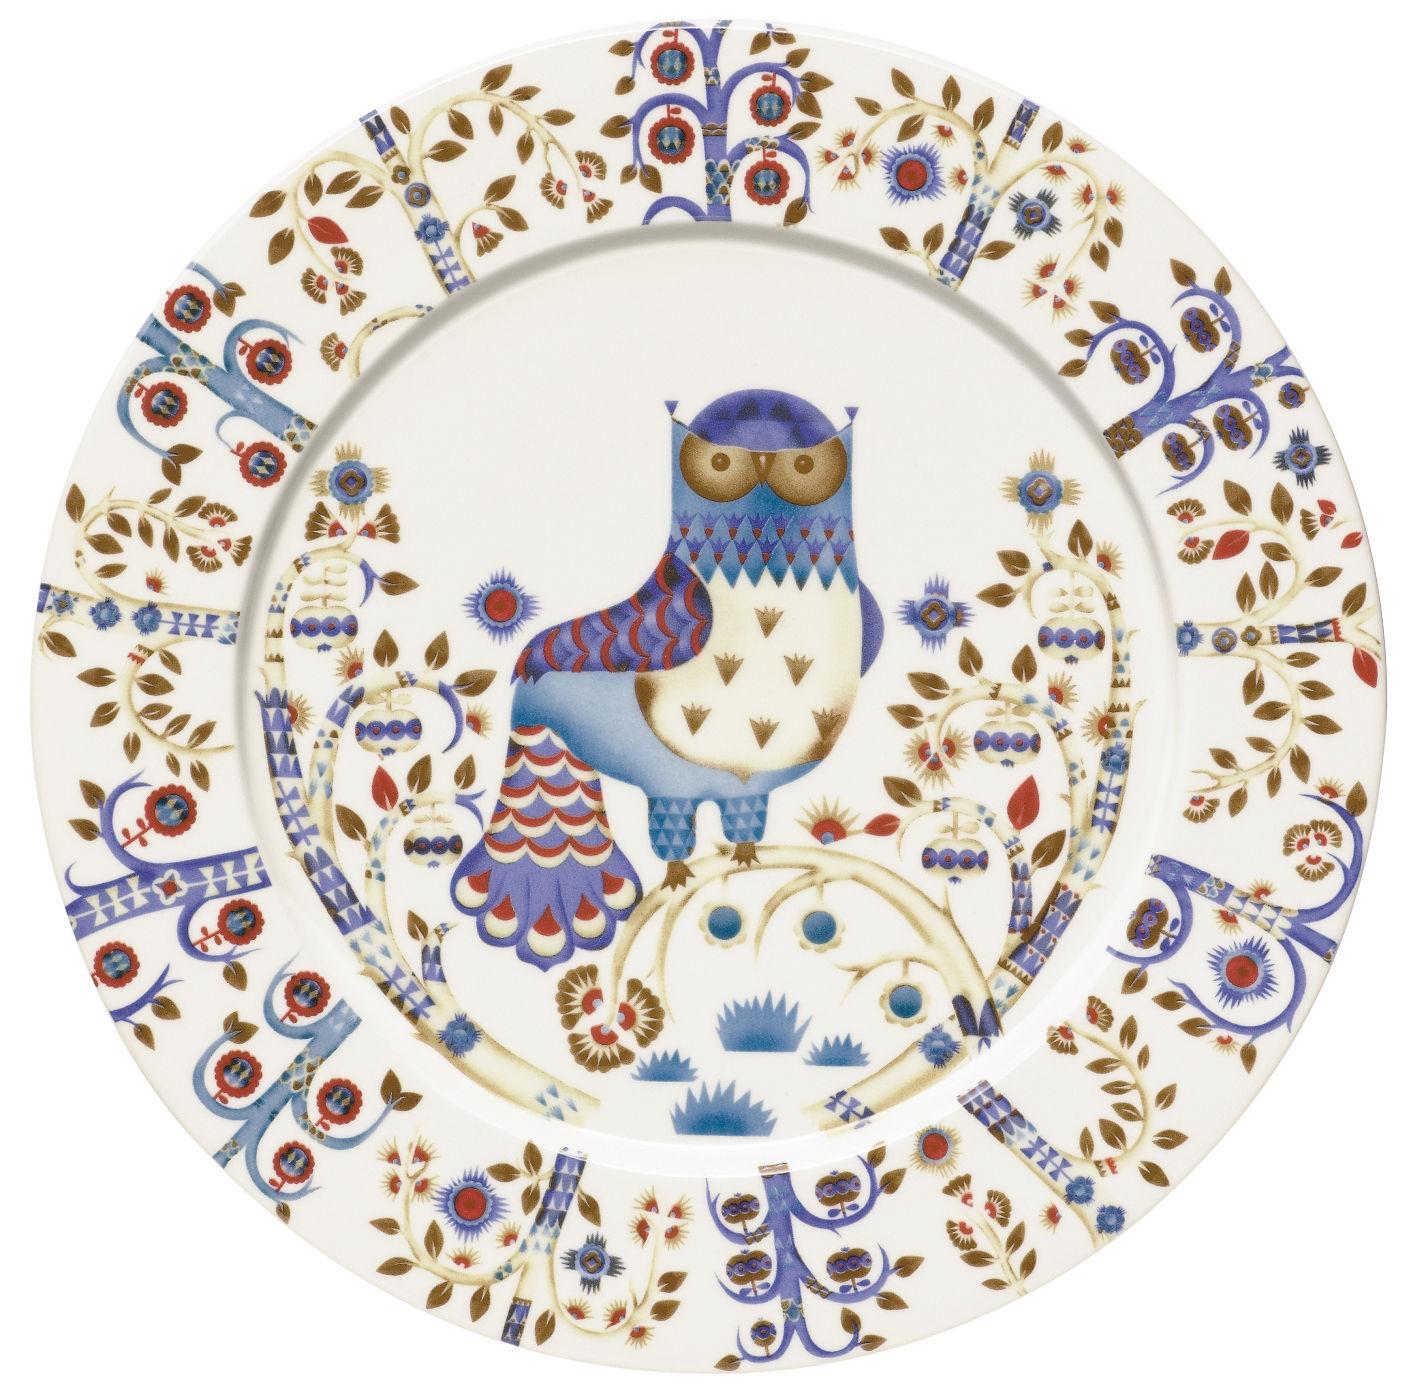 Tavola - Piatti  - Piatto Taika di Iittala - Fondo bianco - Ceramica